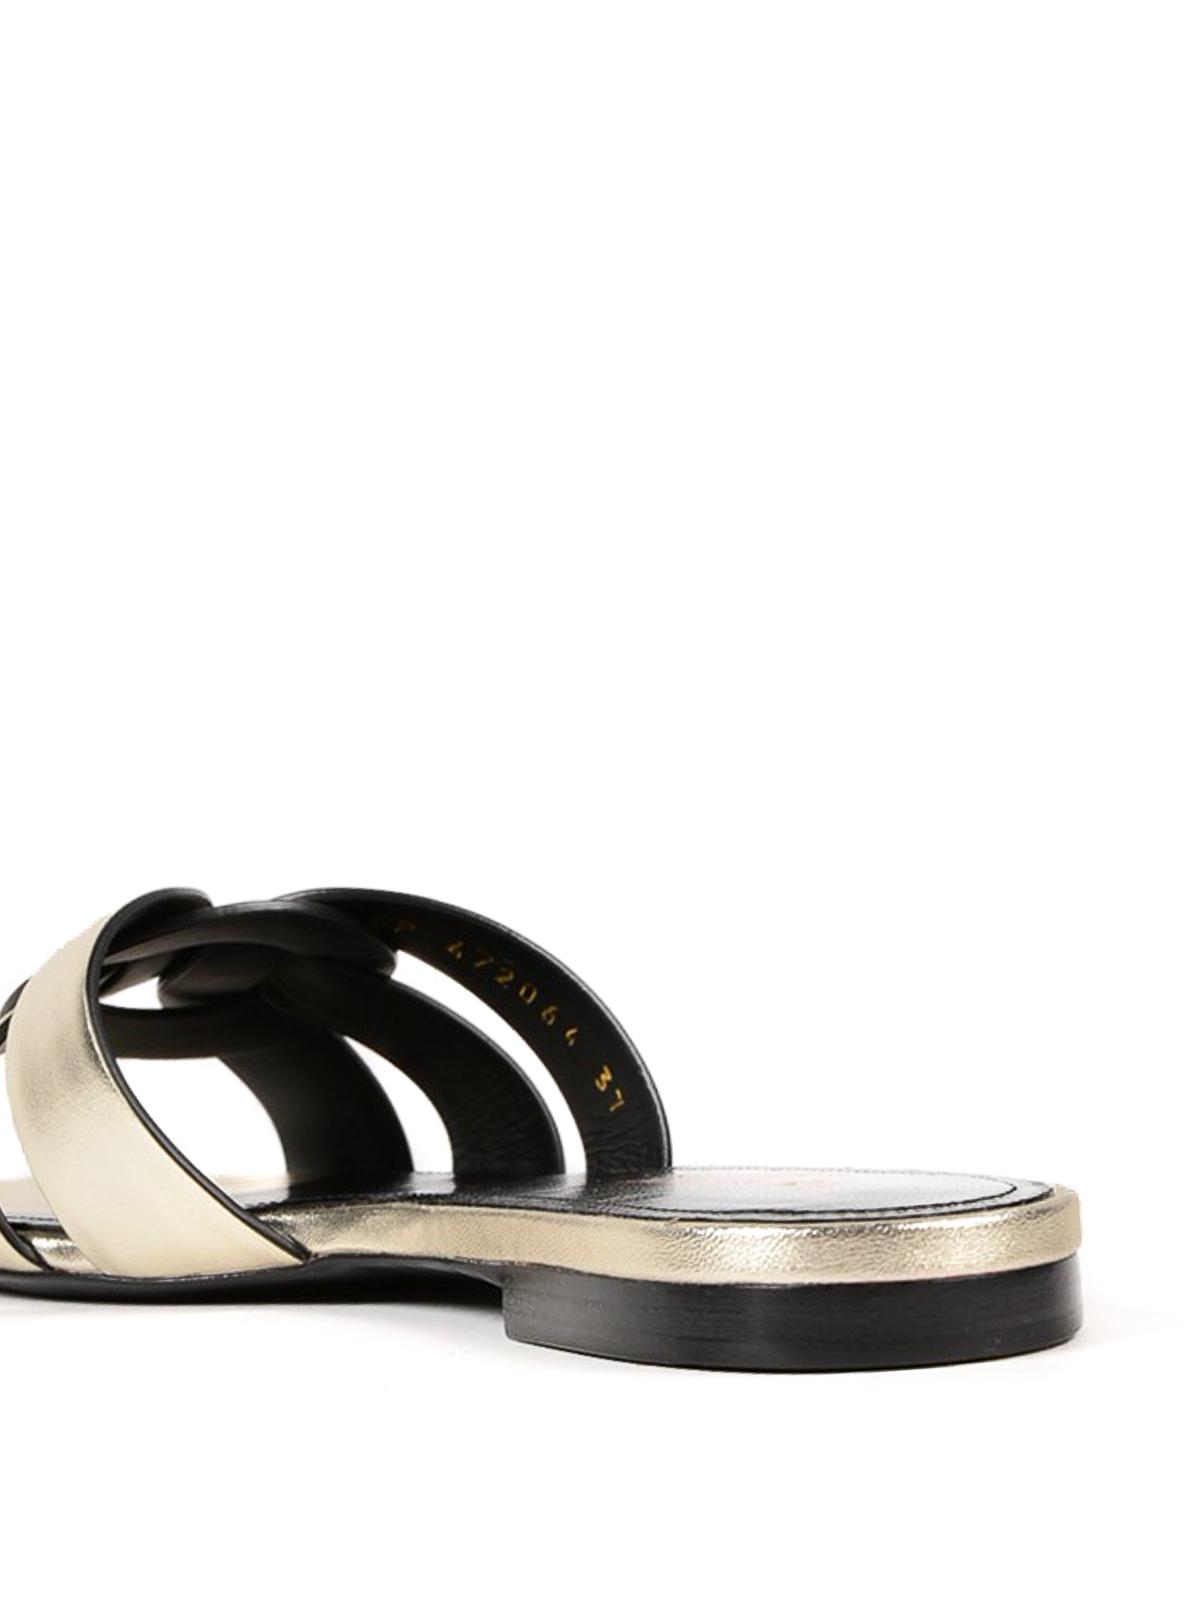 e5abc8280f7 iKRIX SAINT LAURENT  sandals - Nu Pieds Tribute flat slide sandals